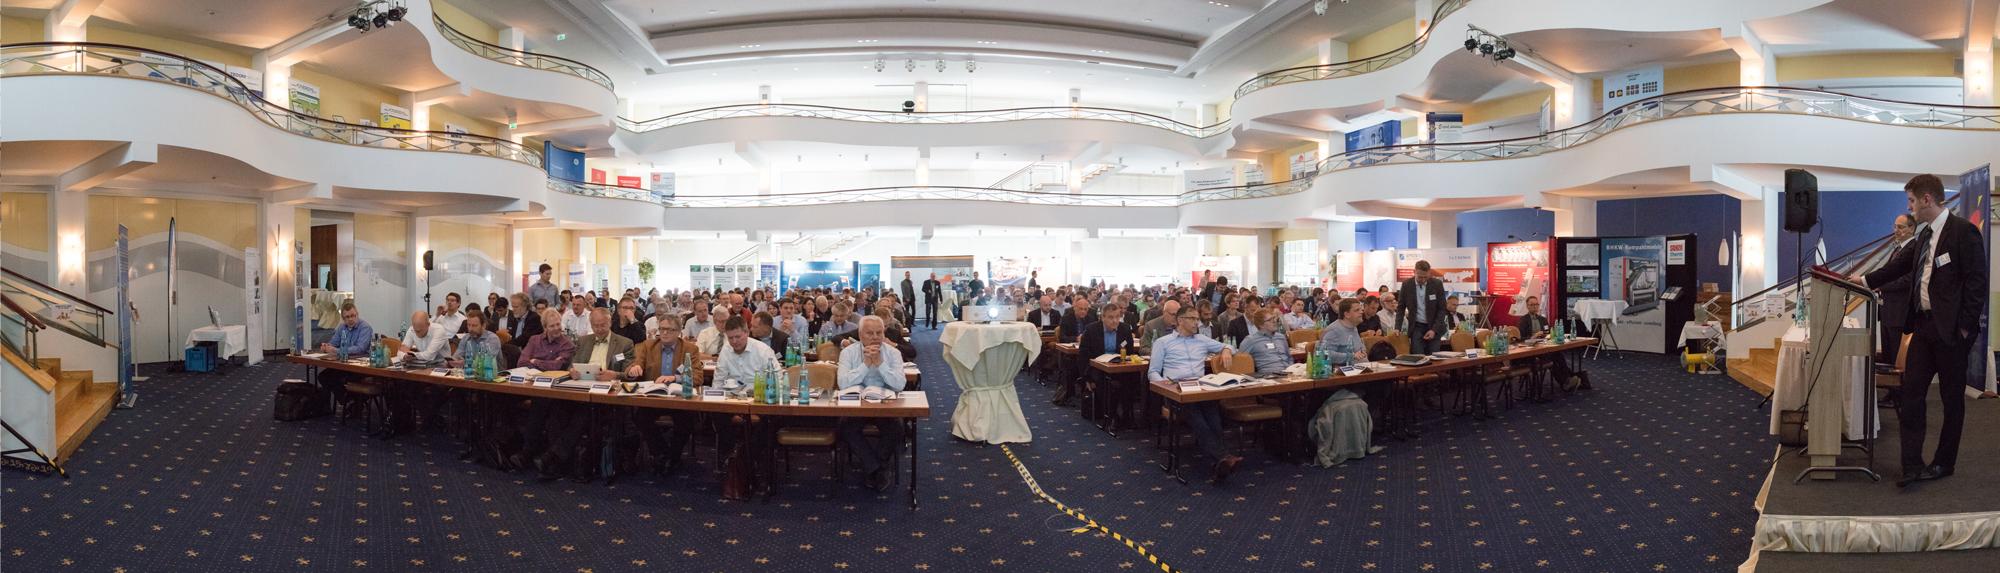 BHKW-Jahreskonferenz 2017 - Festsaal Palazzo